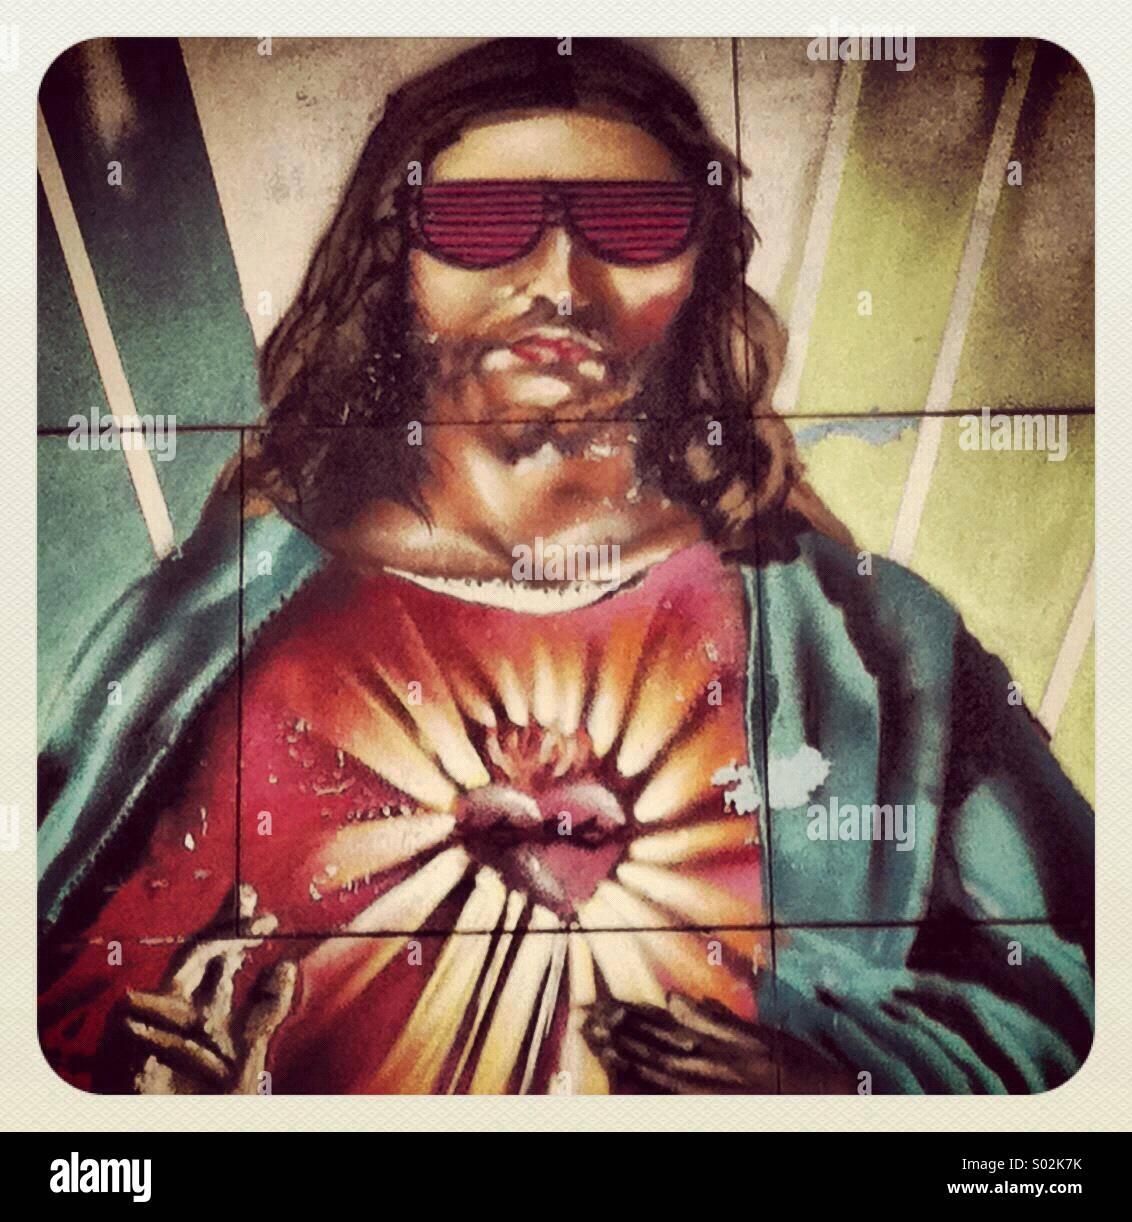 Occhiali Foto A SoleGraffiti SivigliaSpagna Cristo Gesù Con Da jRL4q35A